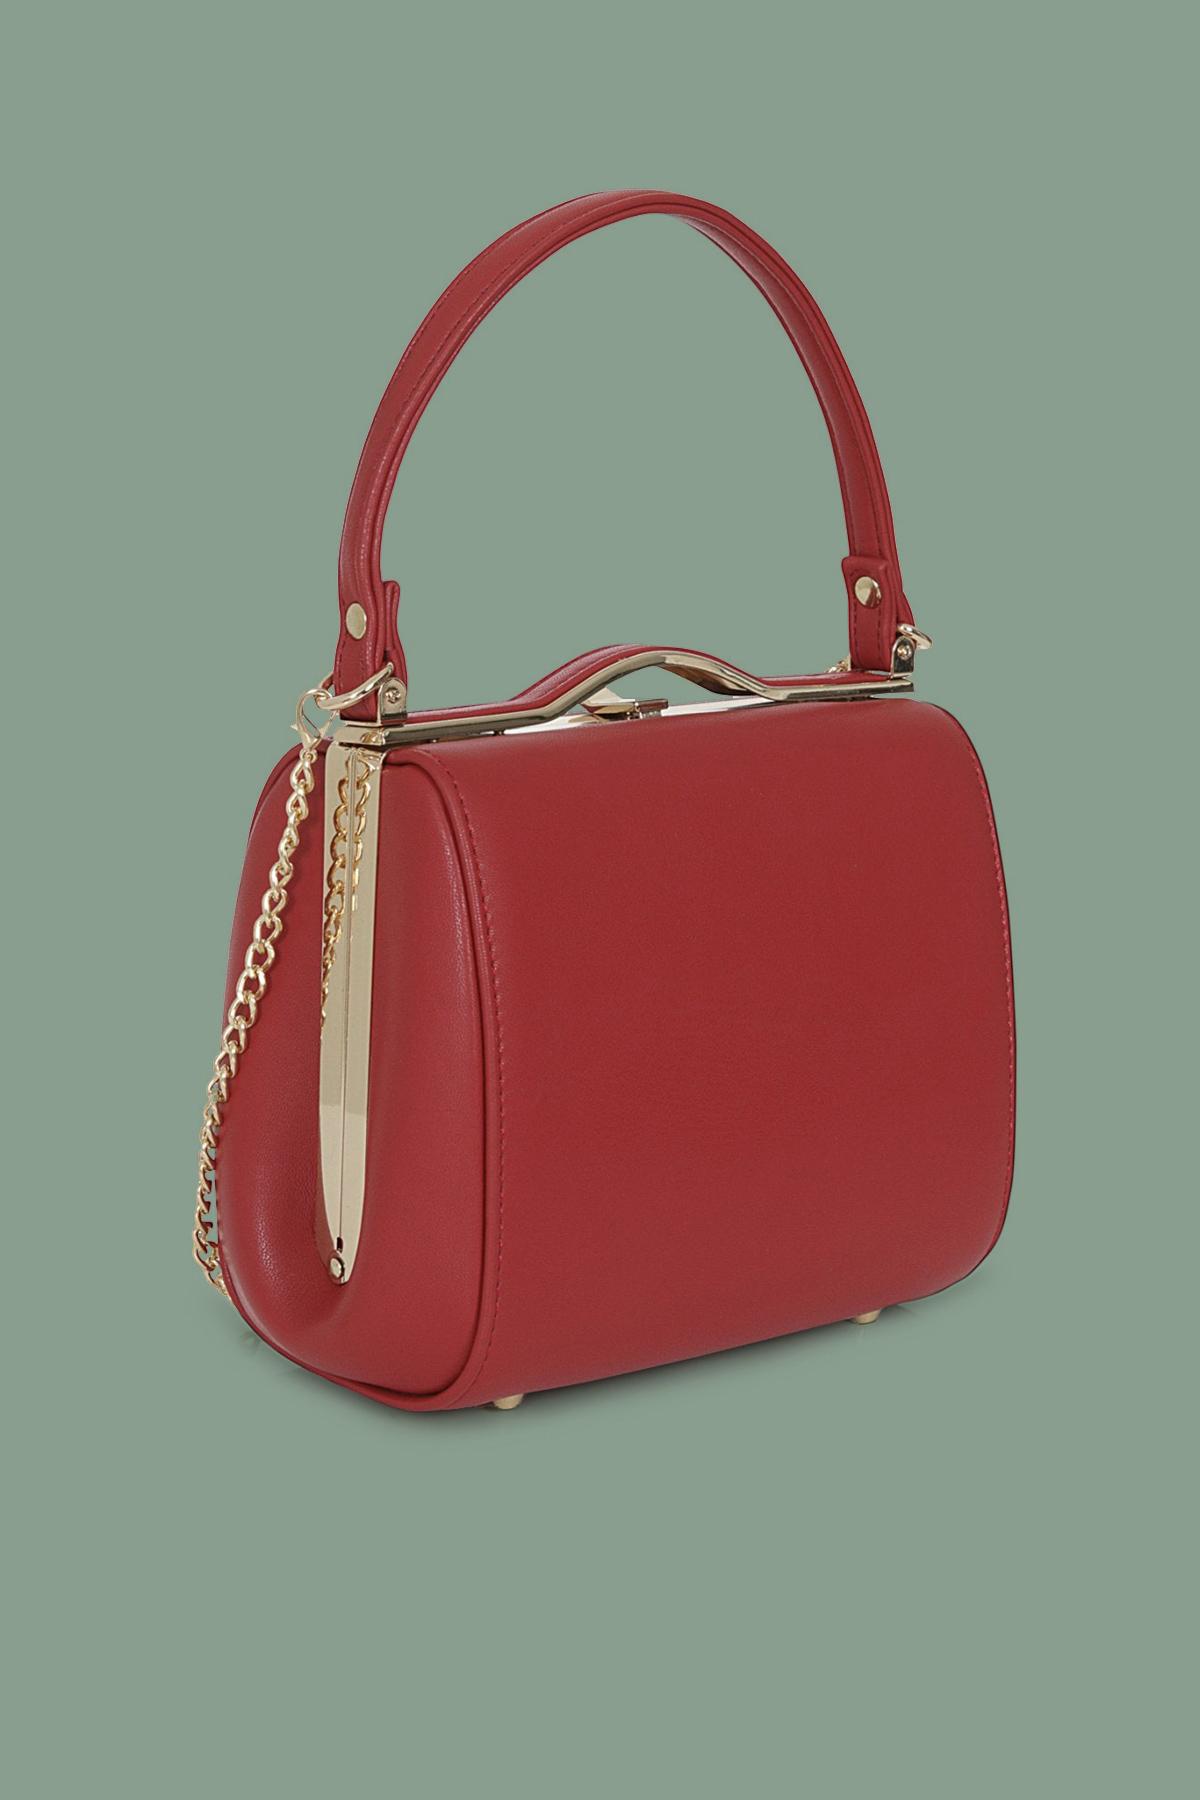 Κόκκινη τσάντα από δερματίνη με κοντό λουράκι, χρυσαφί μεταλλικό κούμπωμα και μακριά αποσπώμενη αλυσίδα για να φορεθεί και στον ώμο.